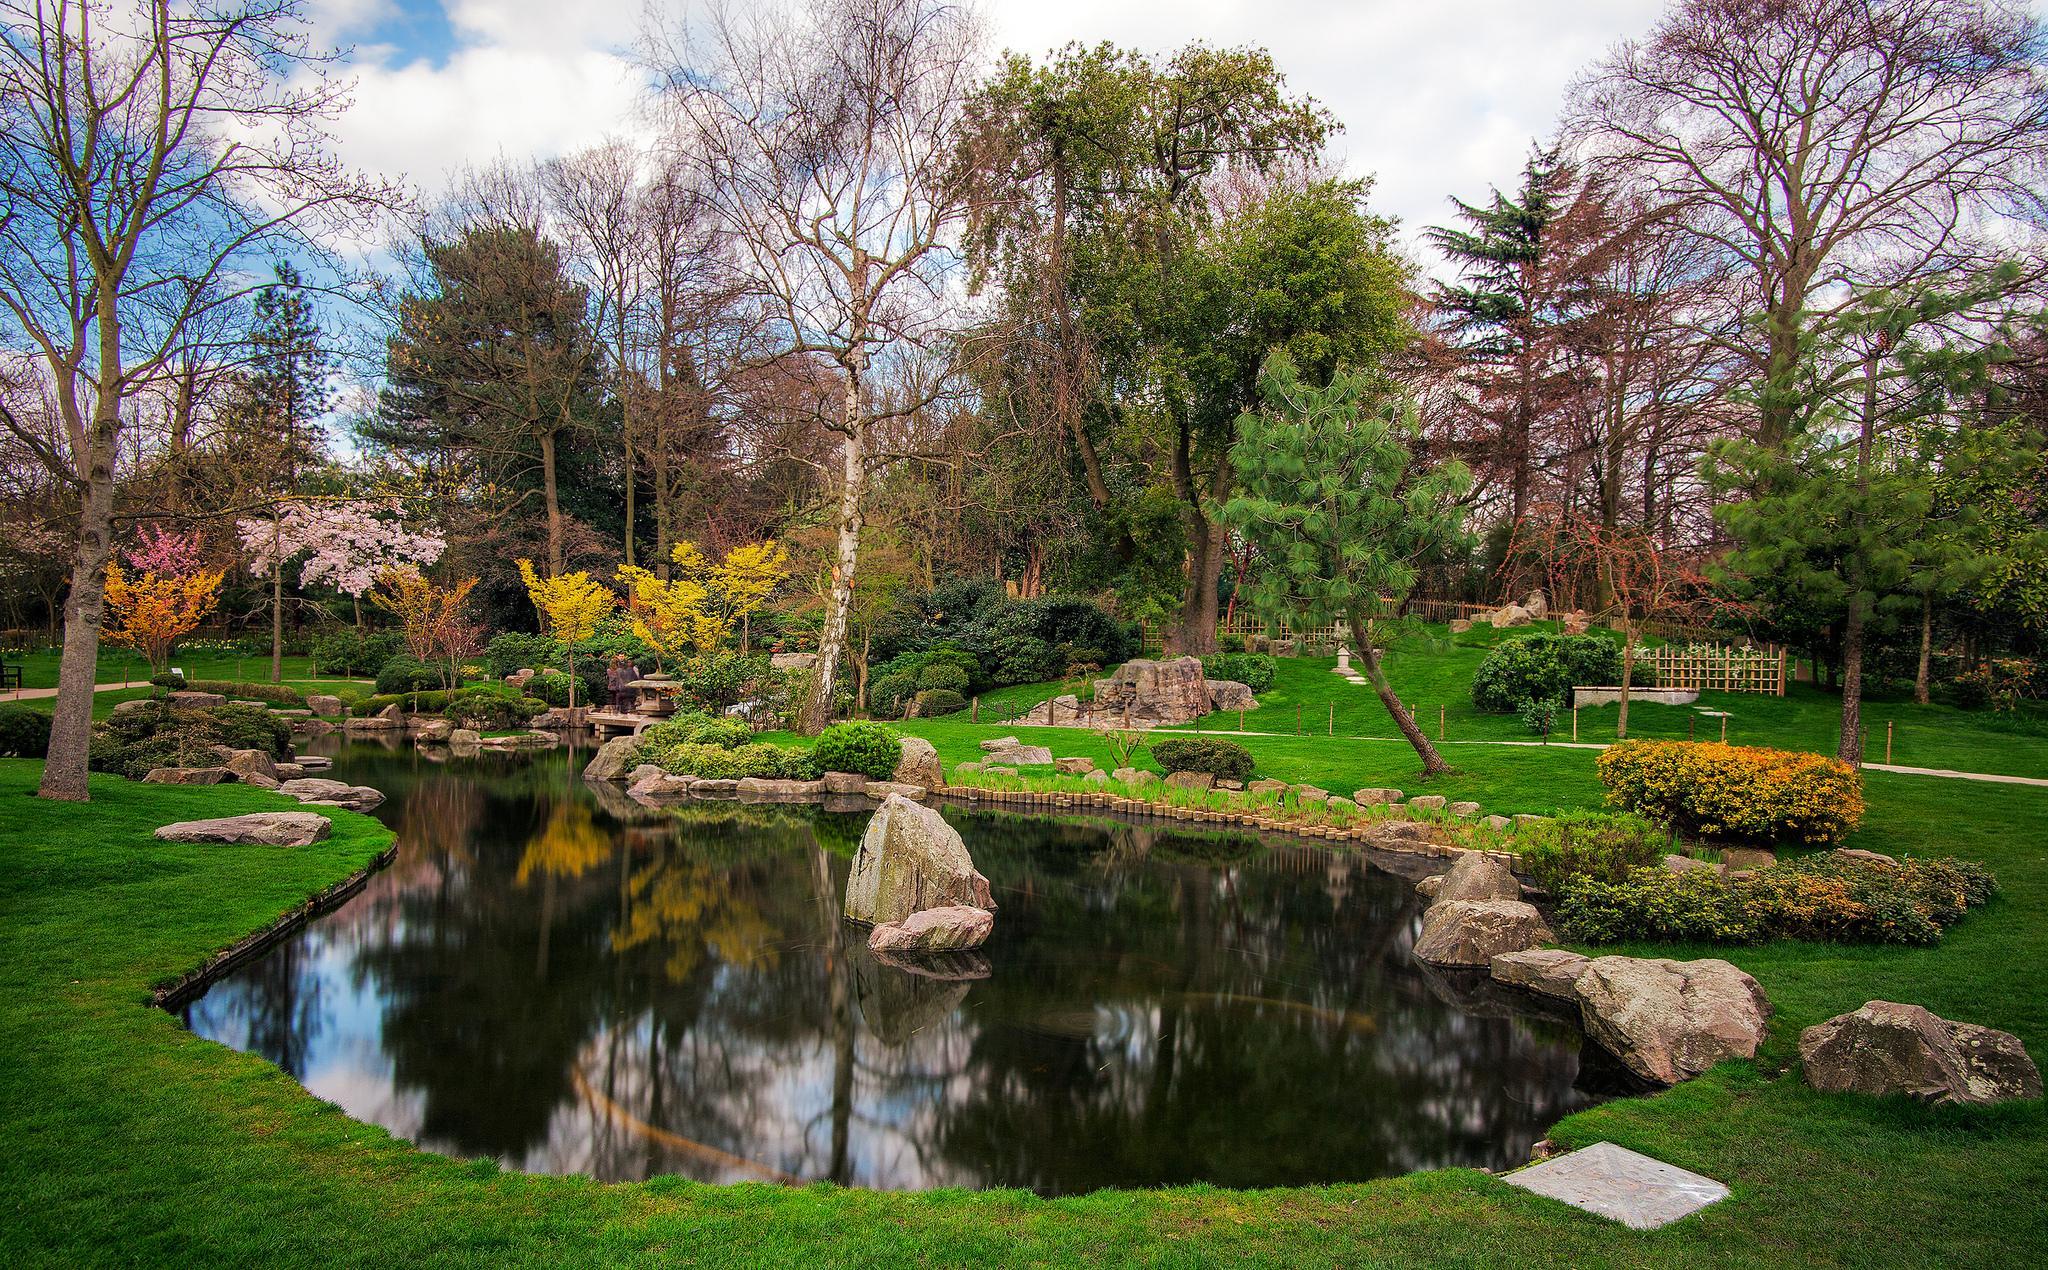 обои Лондон, Киото, Японский сад, Holland Park картинки фото